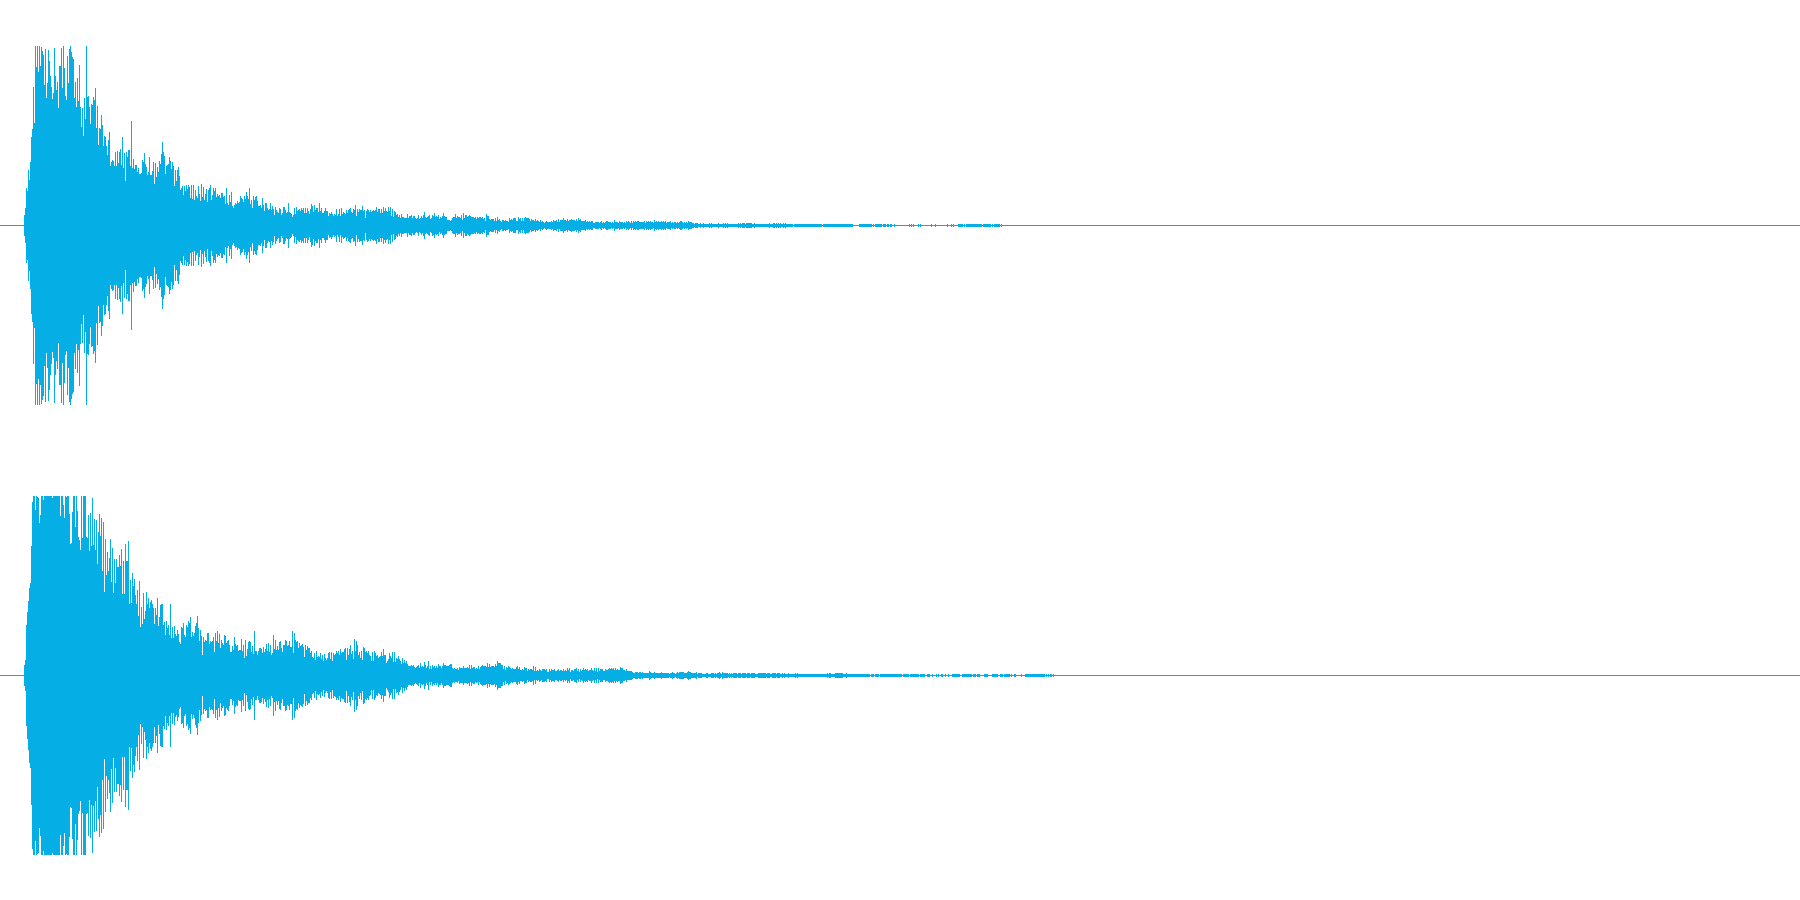 レーザー音-47-1の再生済みの波形